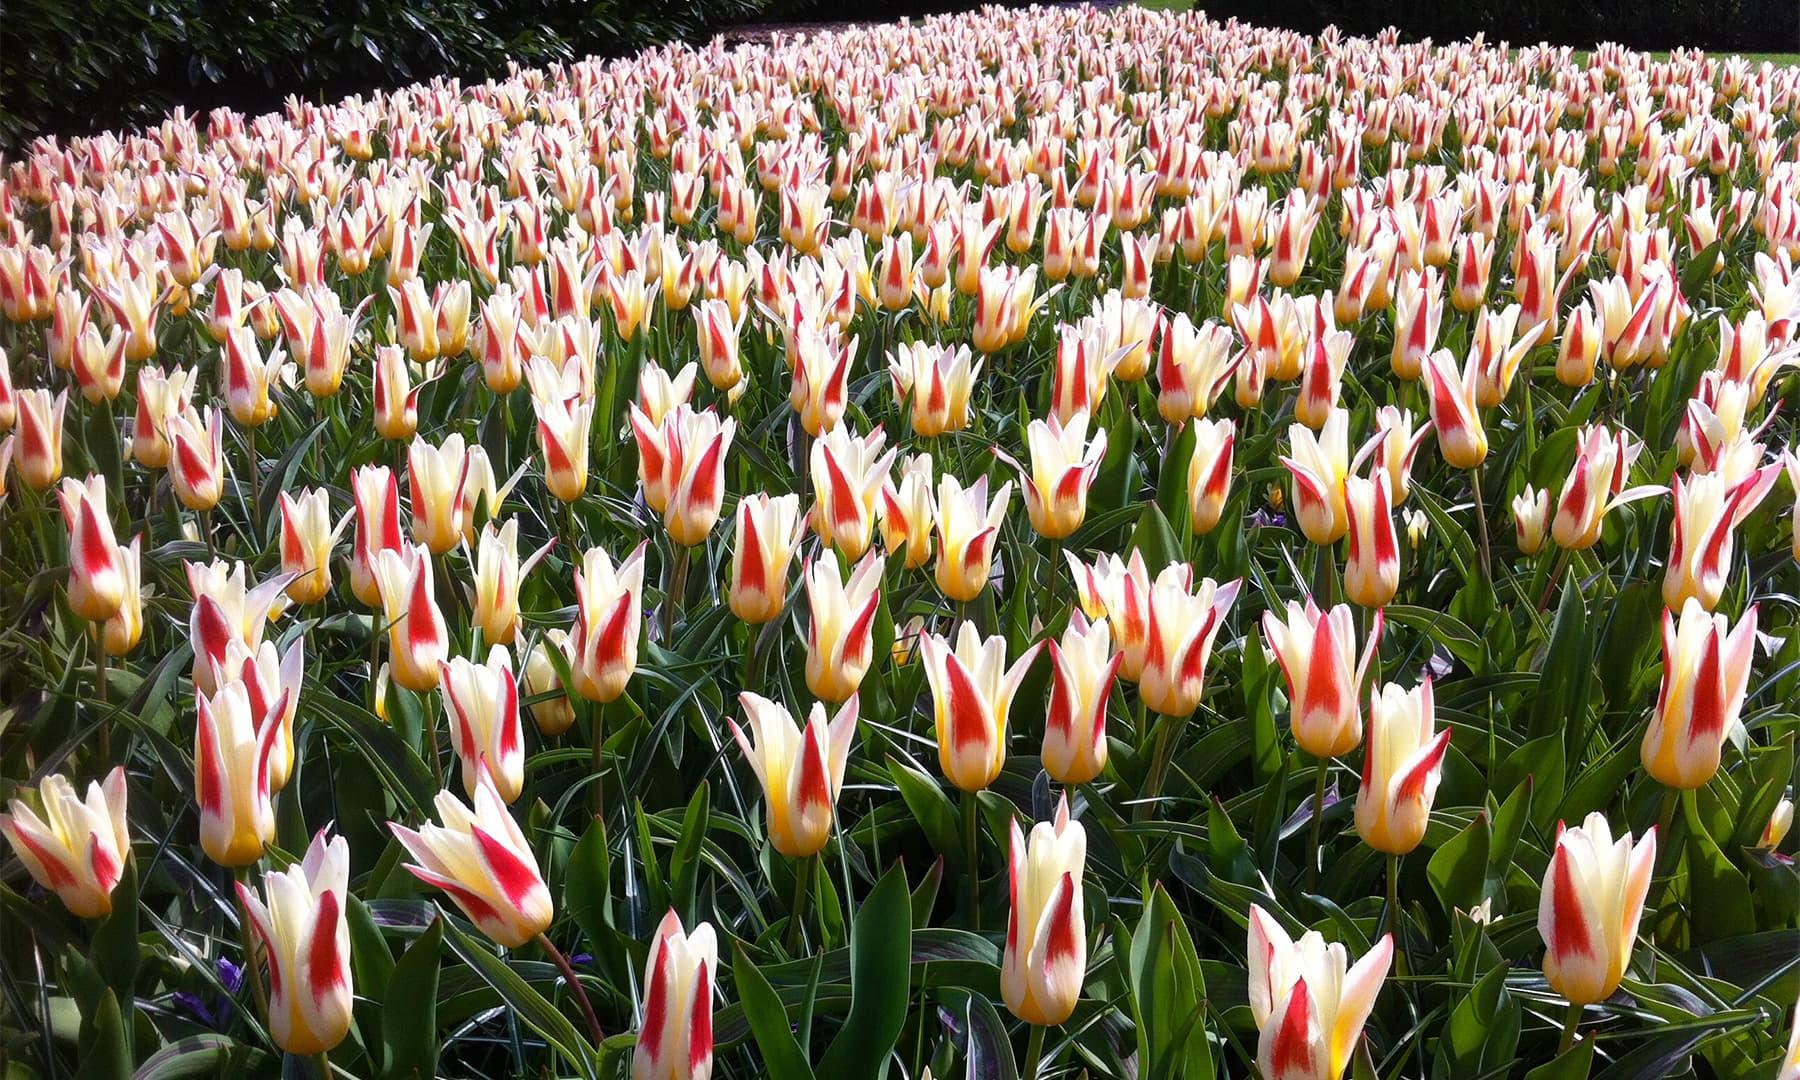 ہالینڈ میں پھولوں کے دور دور تک پھیلے کھیت